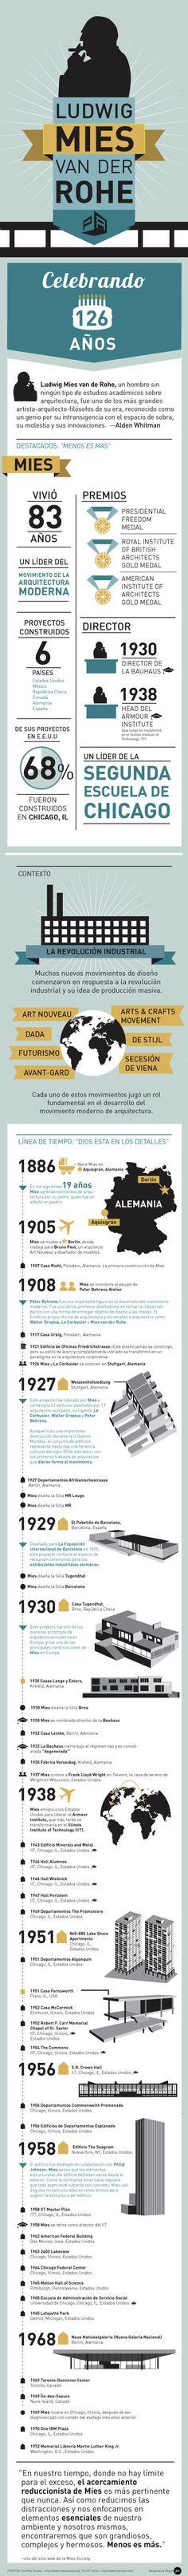 Infografía: 126 años de Ludwig Mies van der Rohe